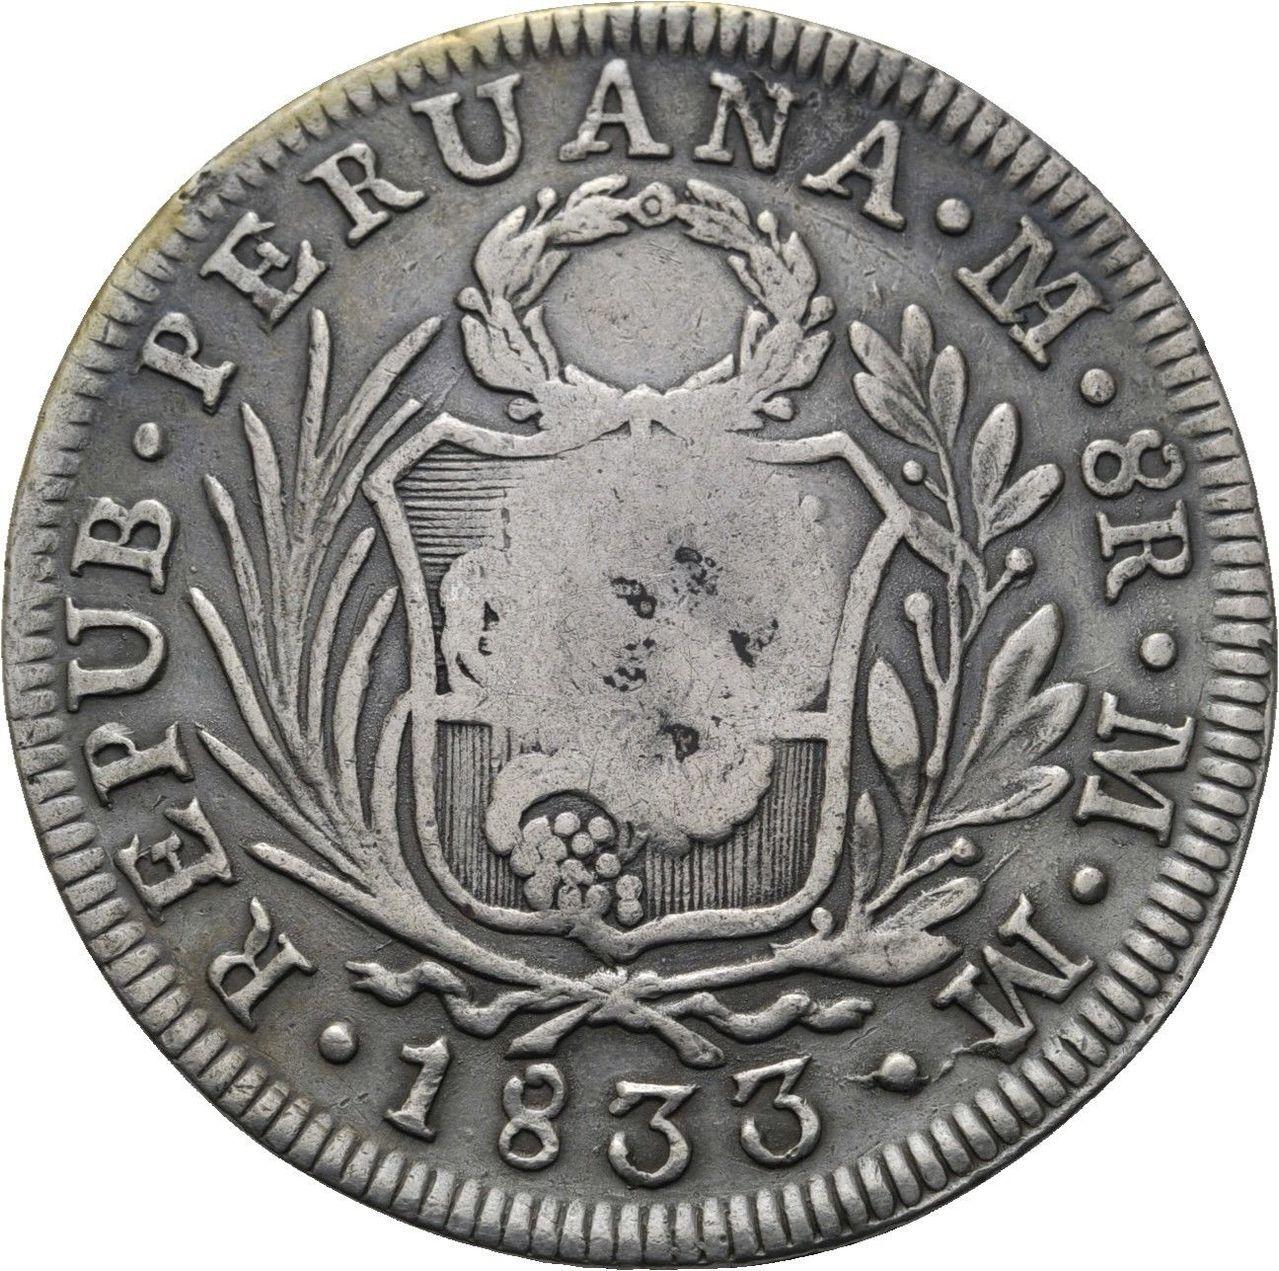 8 REALES FILIPINAS RESELLO FERNANDO VII ¿AUTENTICO? 57_3